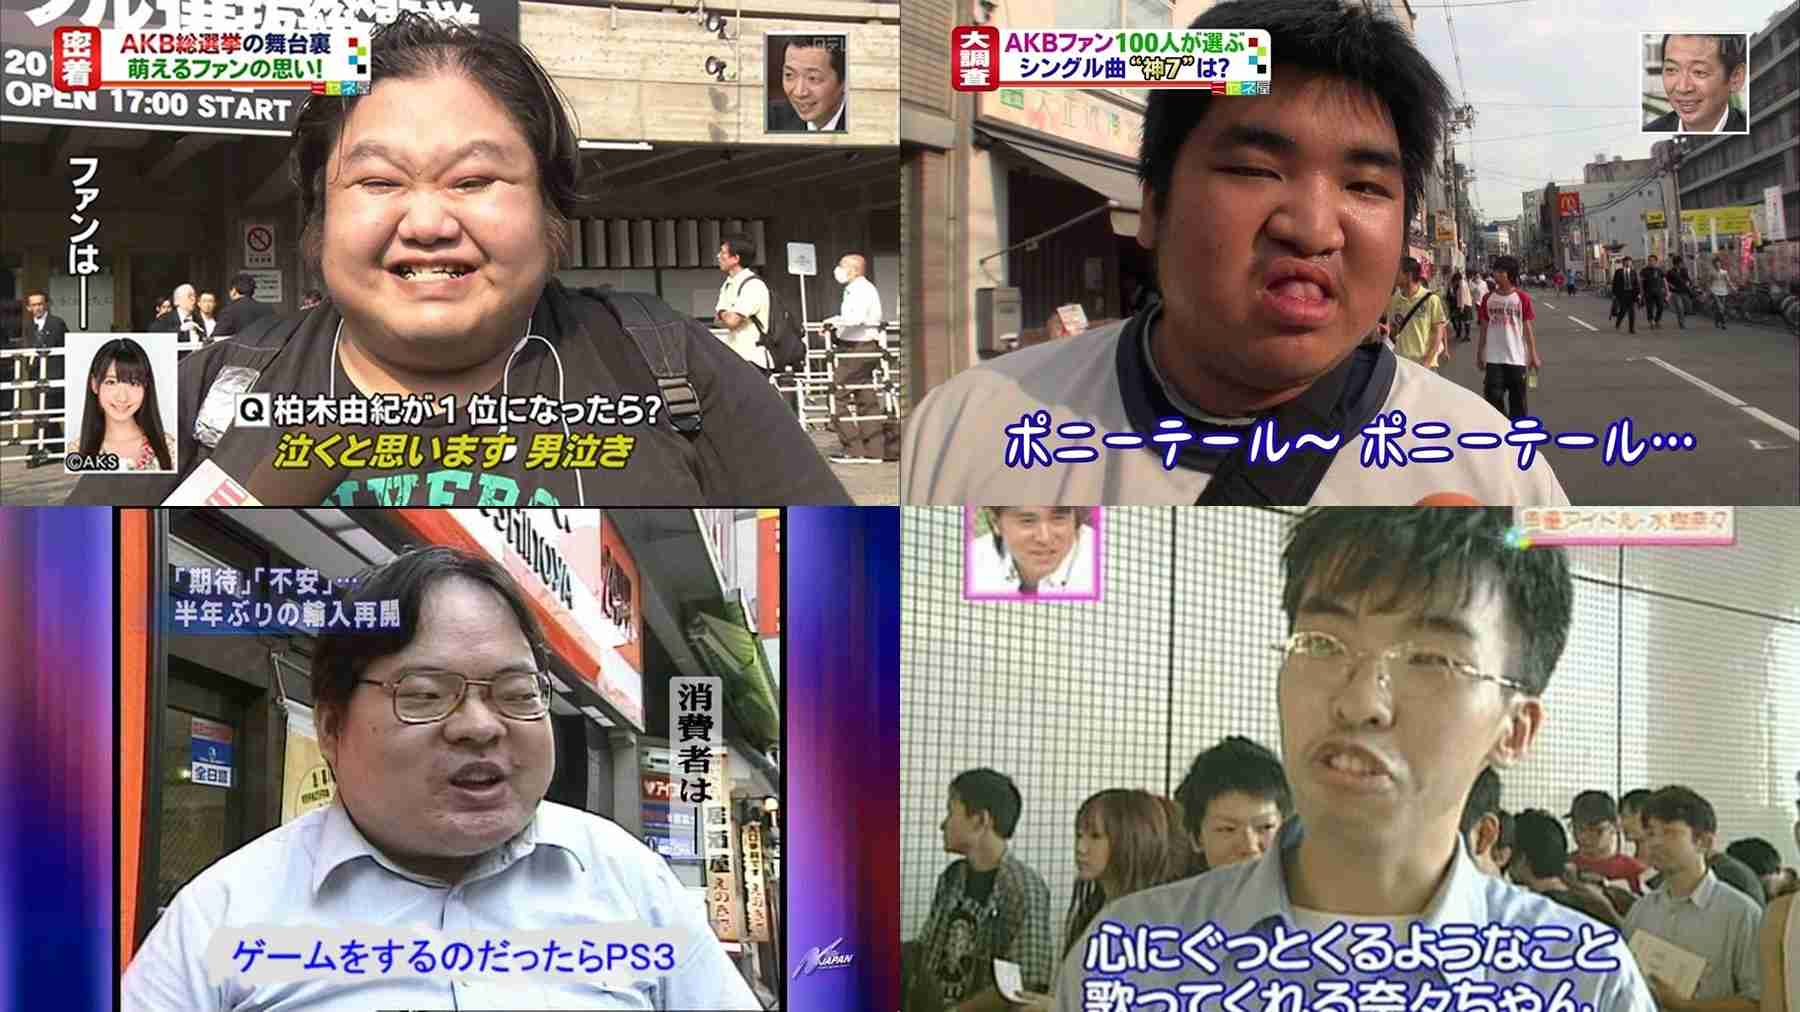 元AKB48増田有華「小林よしのり嫌い」発言を謝罪「面白く書こうとして誤解を与えてしまいました」